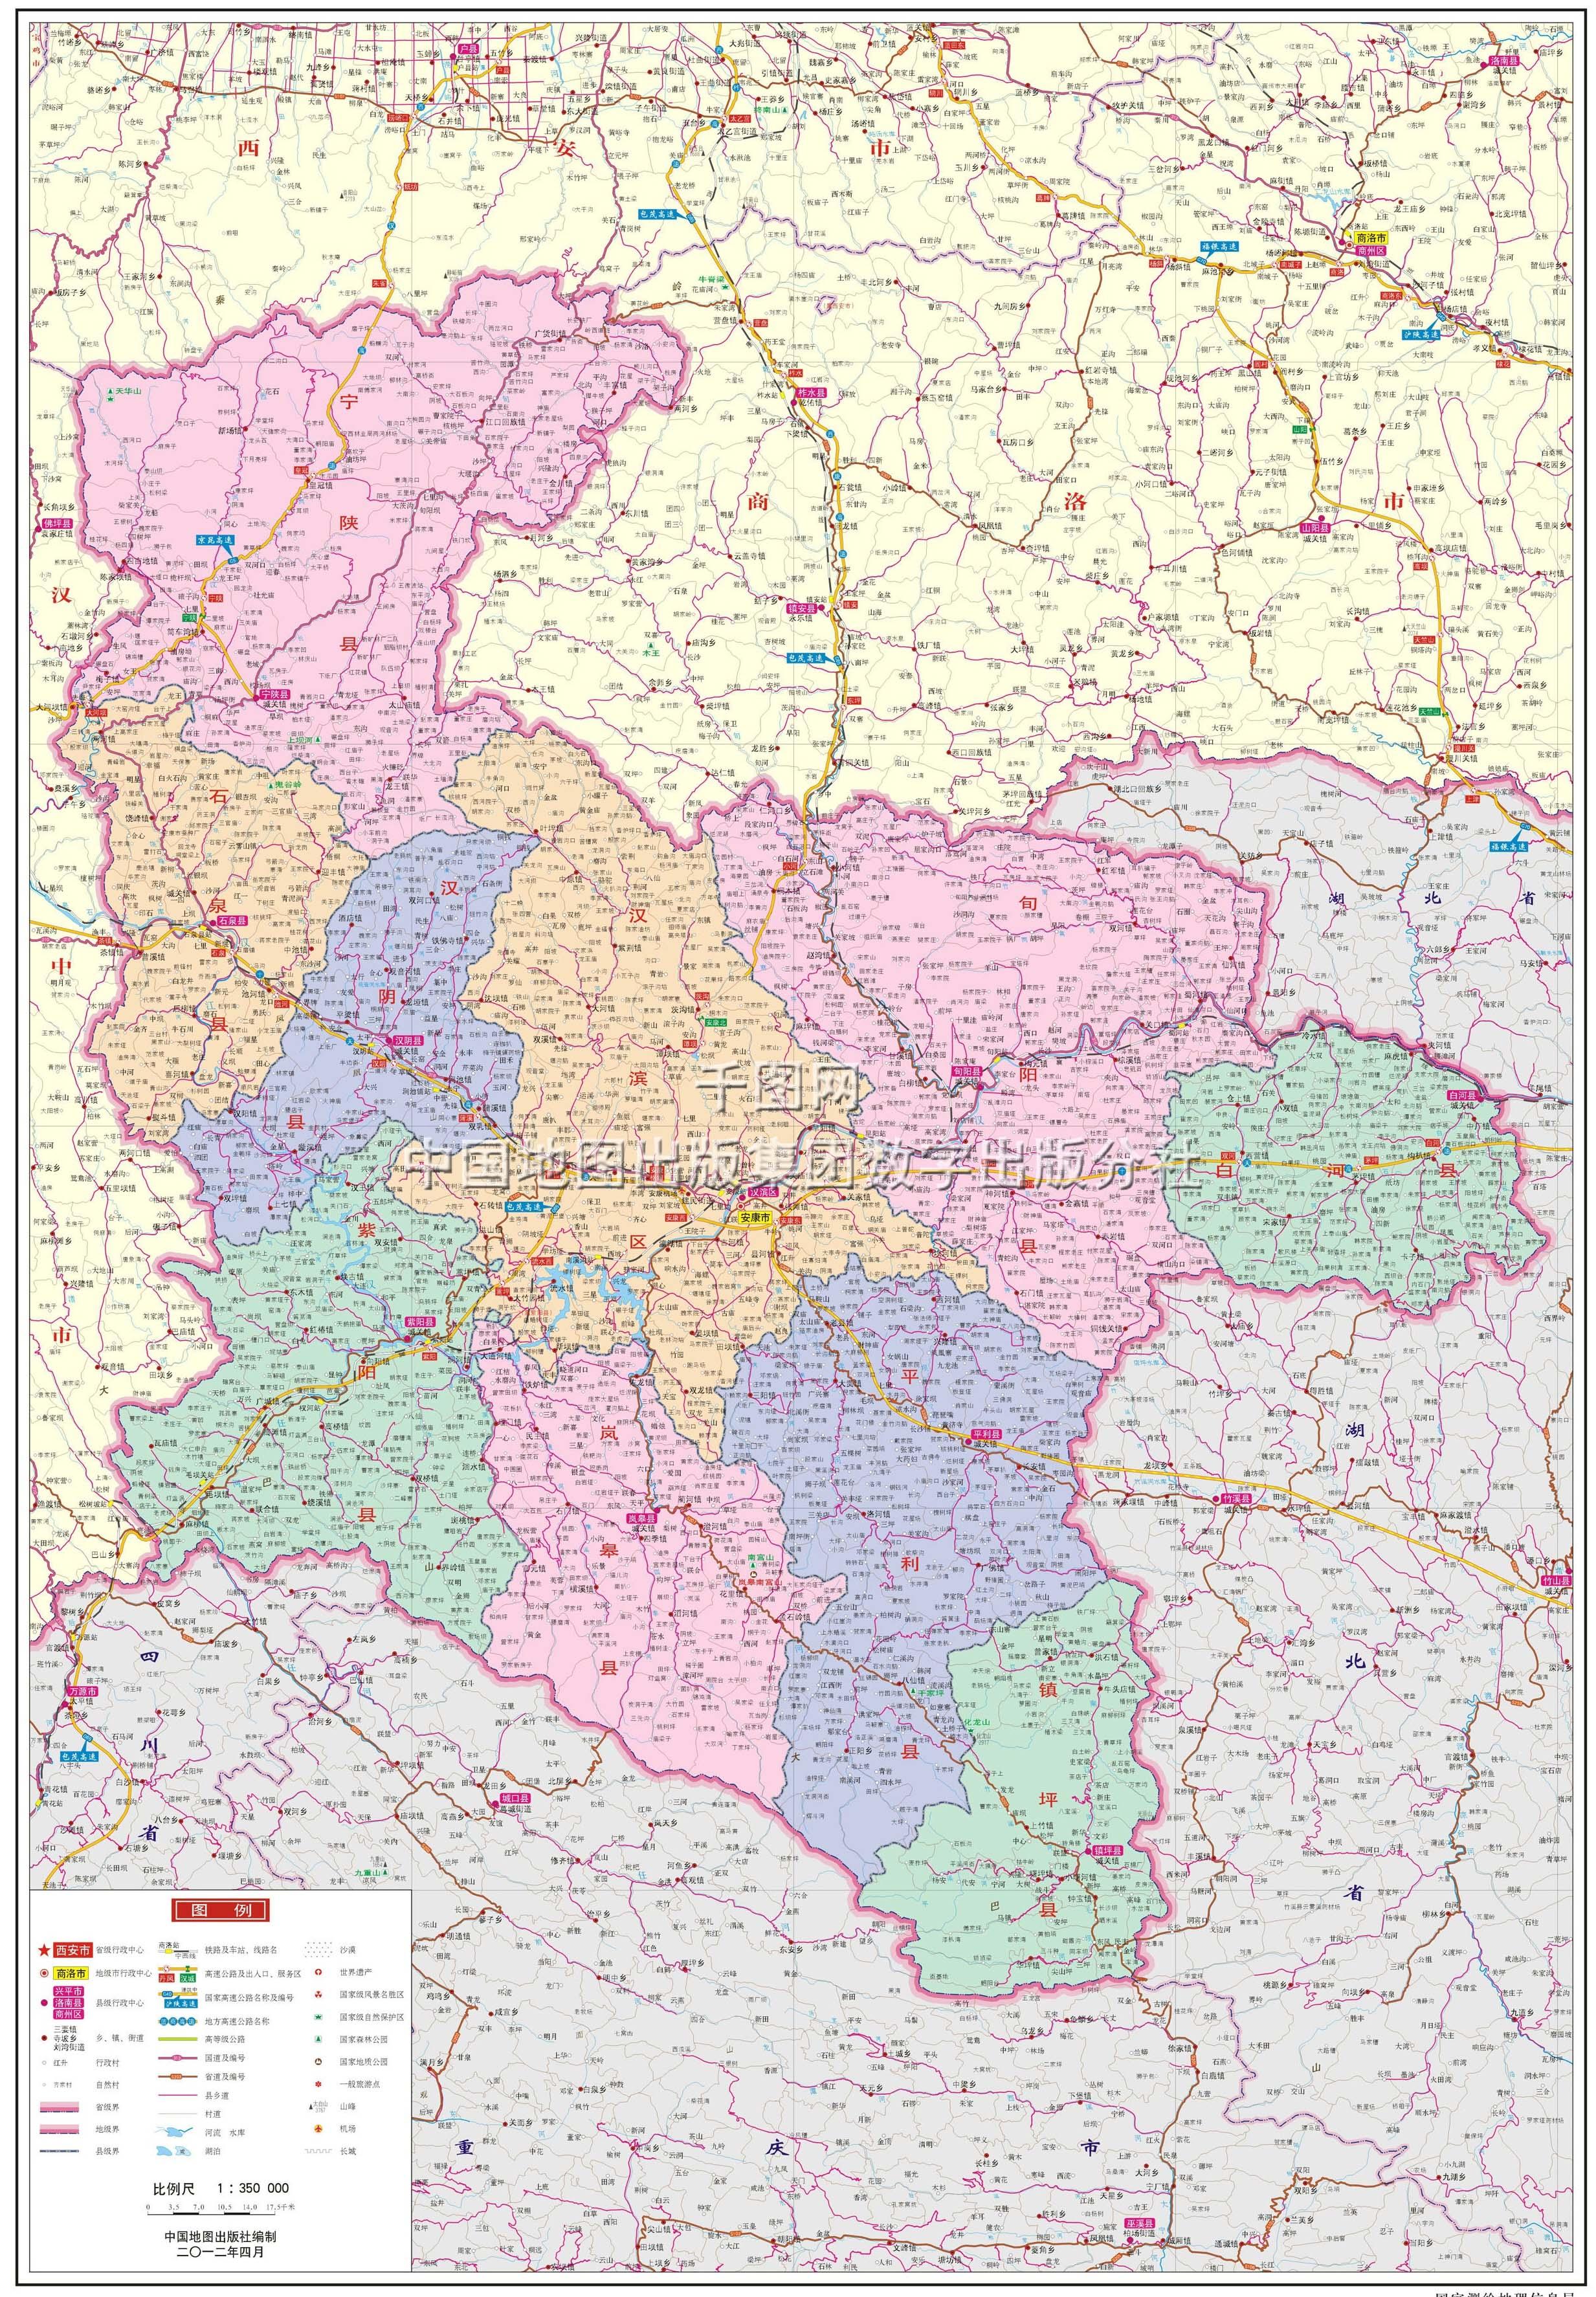 安康市地图高清版